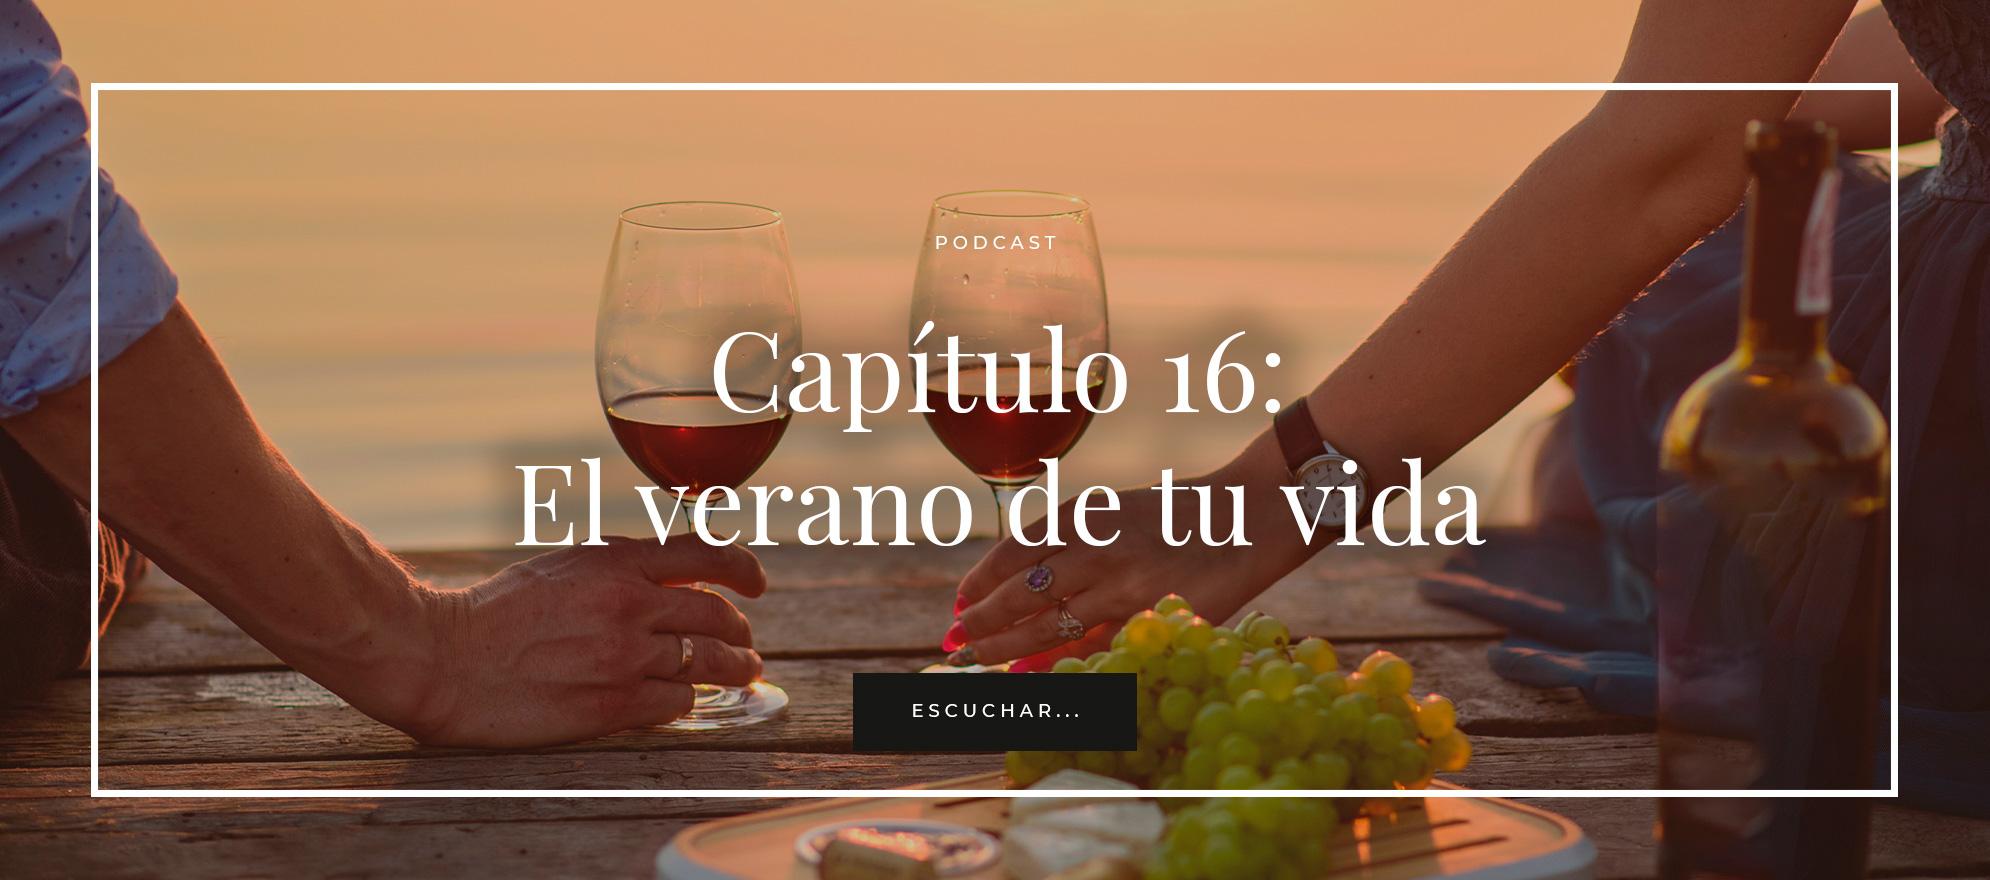 El verano de tu vida. Cap 16. Blog sobre vino. Bodegas Matarromera